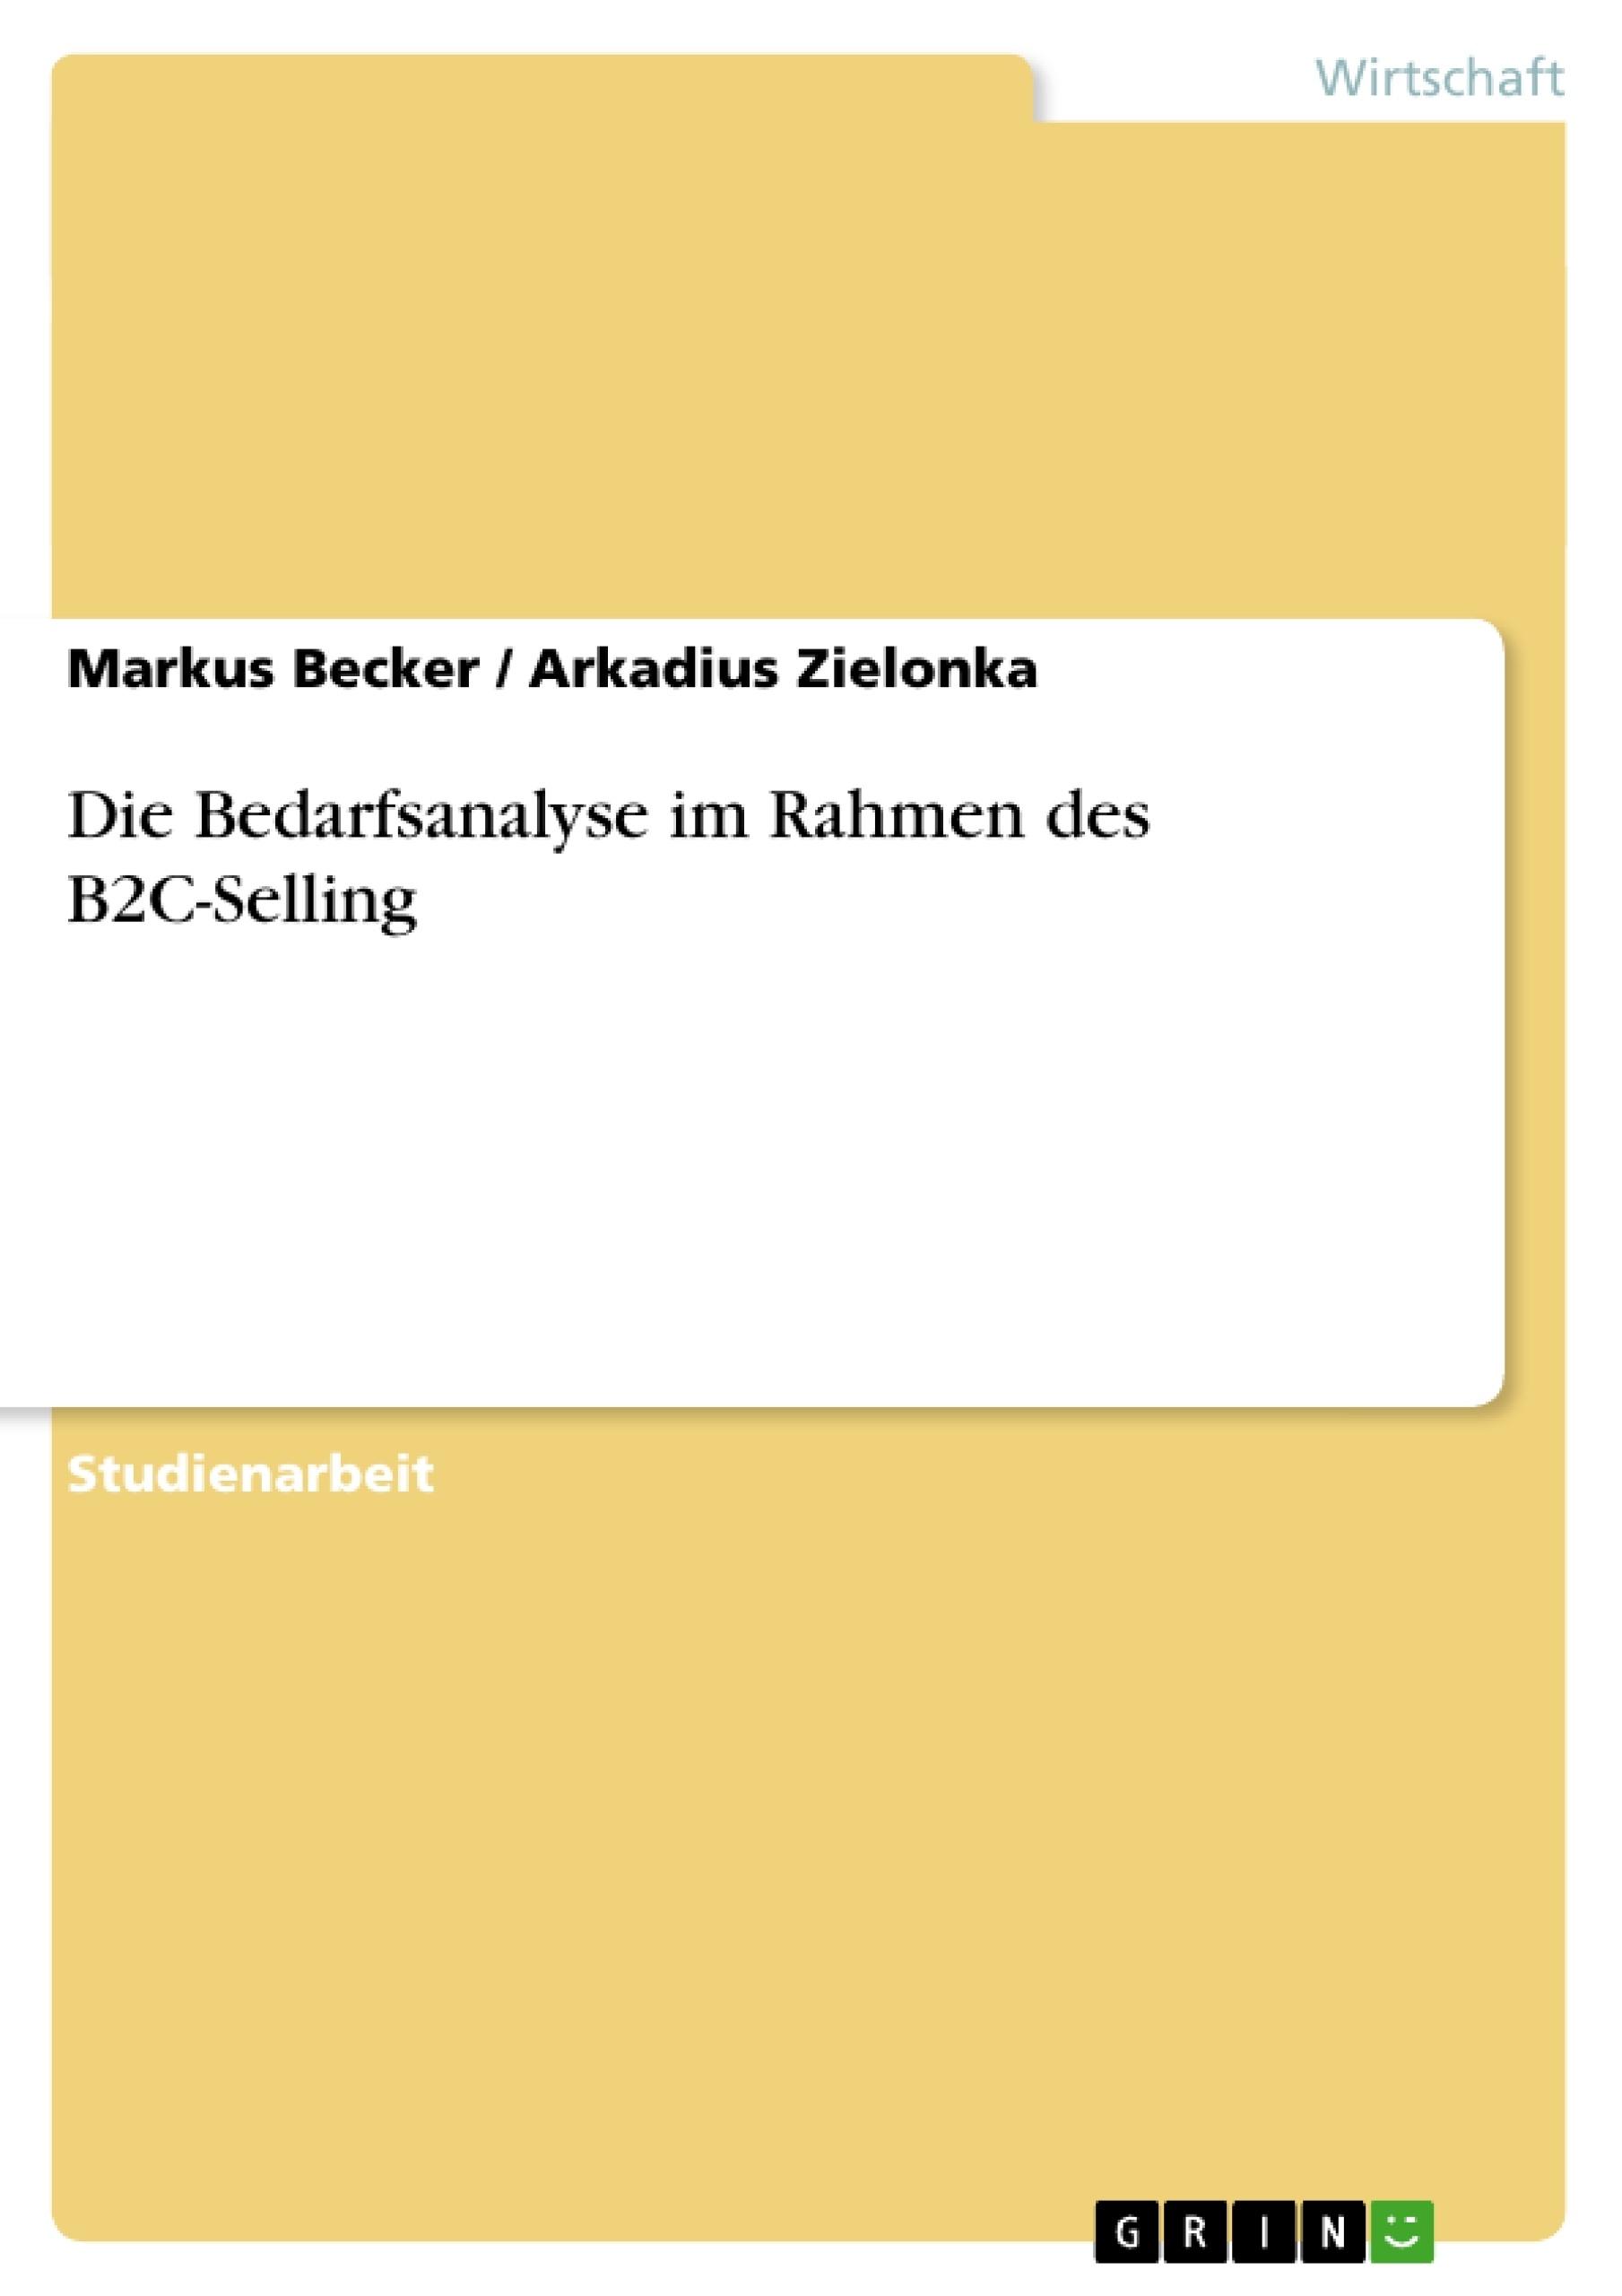 Titel: Die Bedarfsanalyse im Rahmen des B2C-Selling